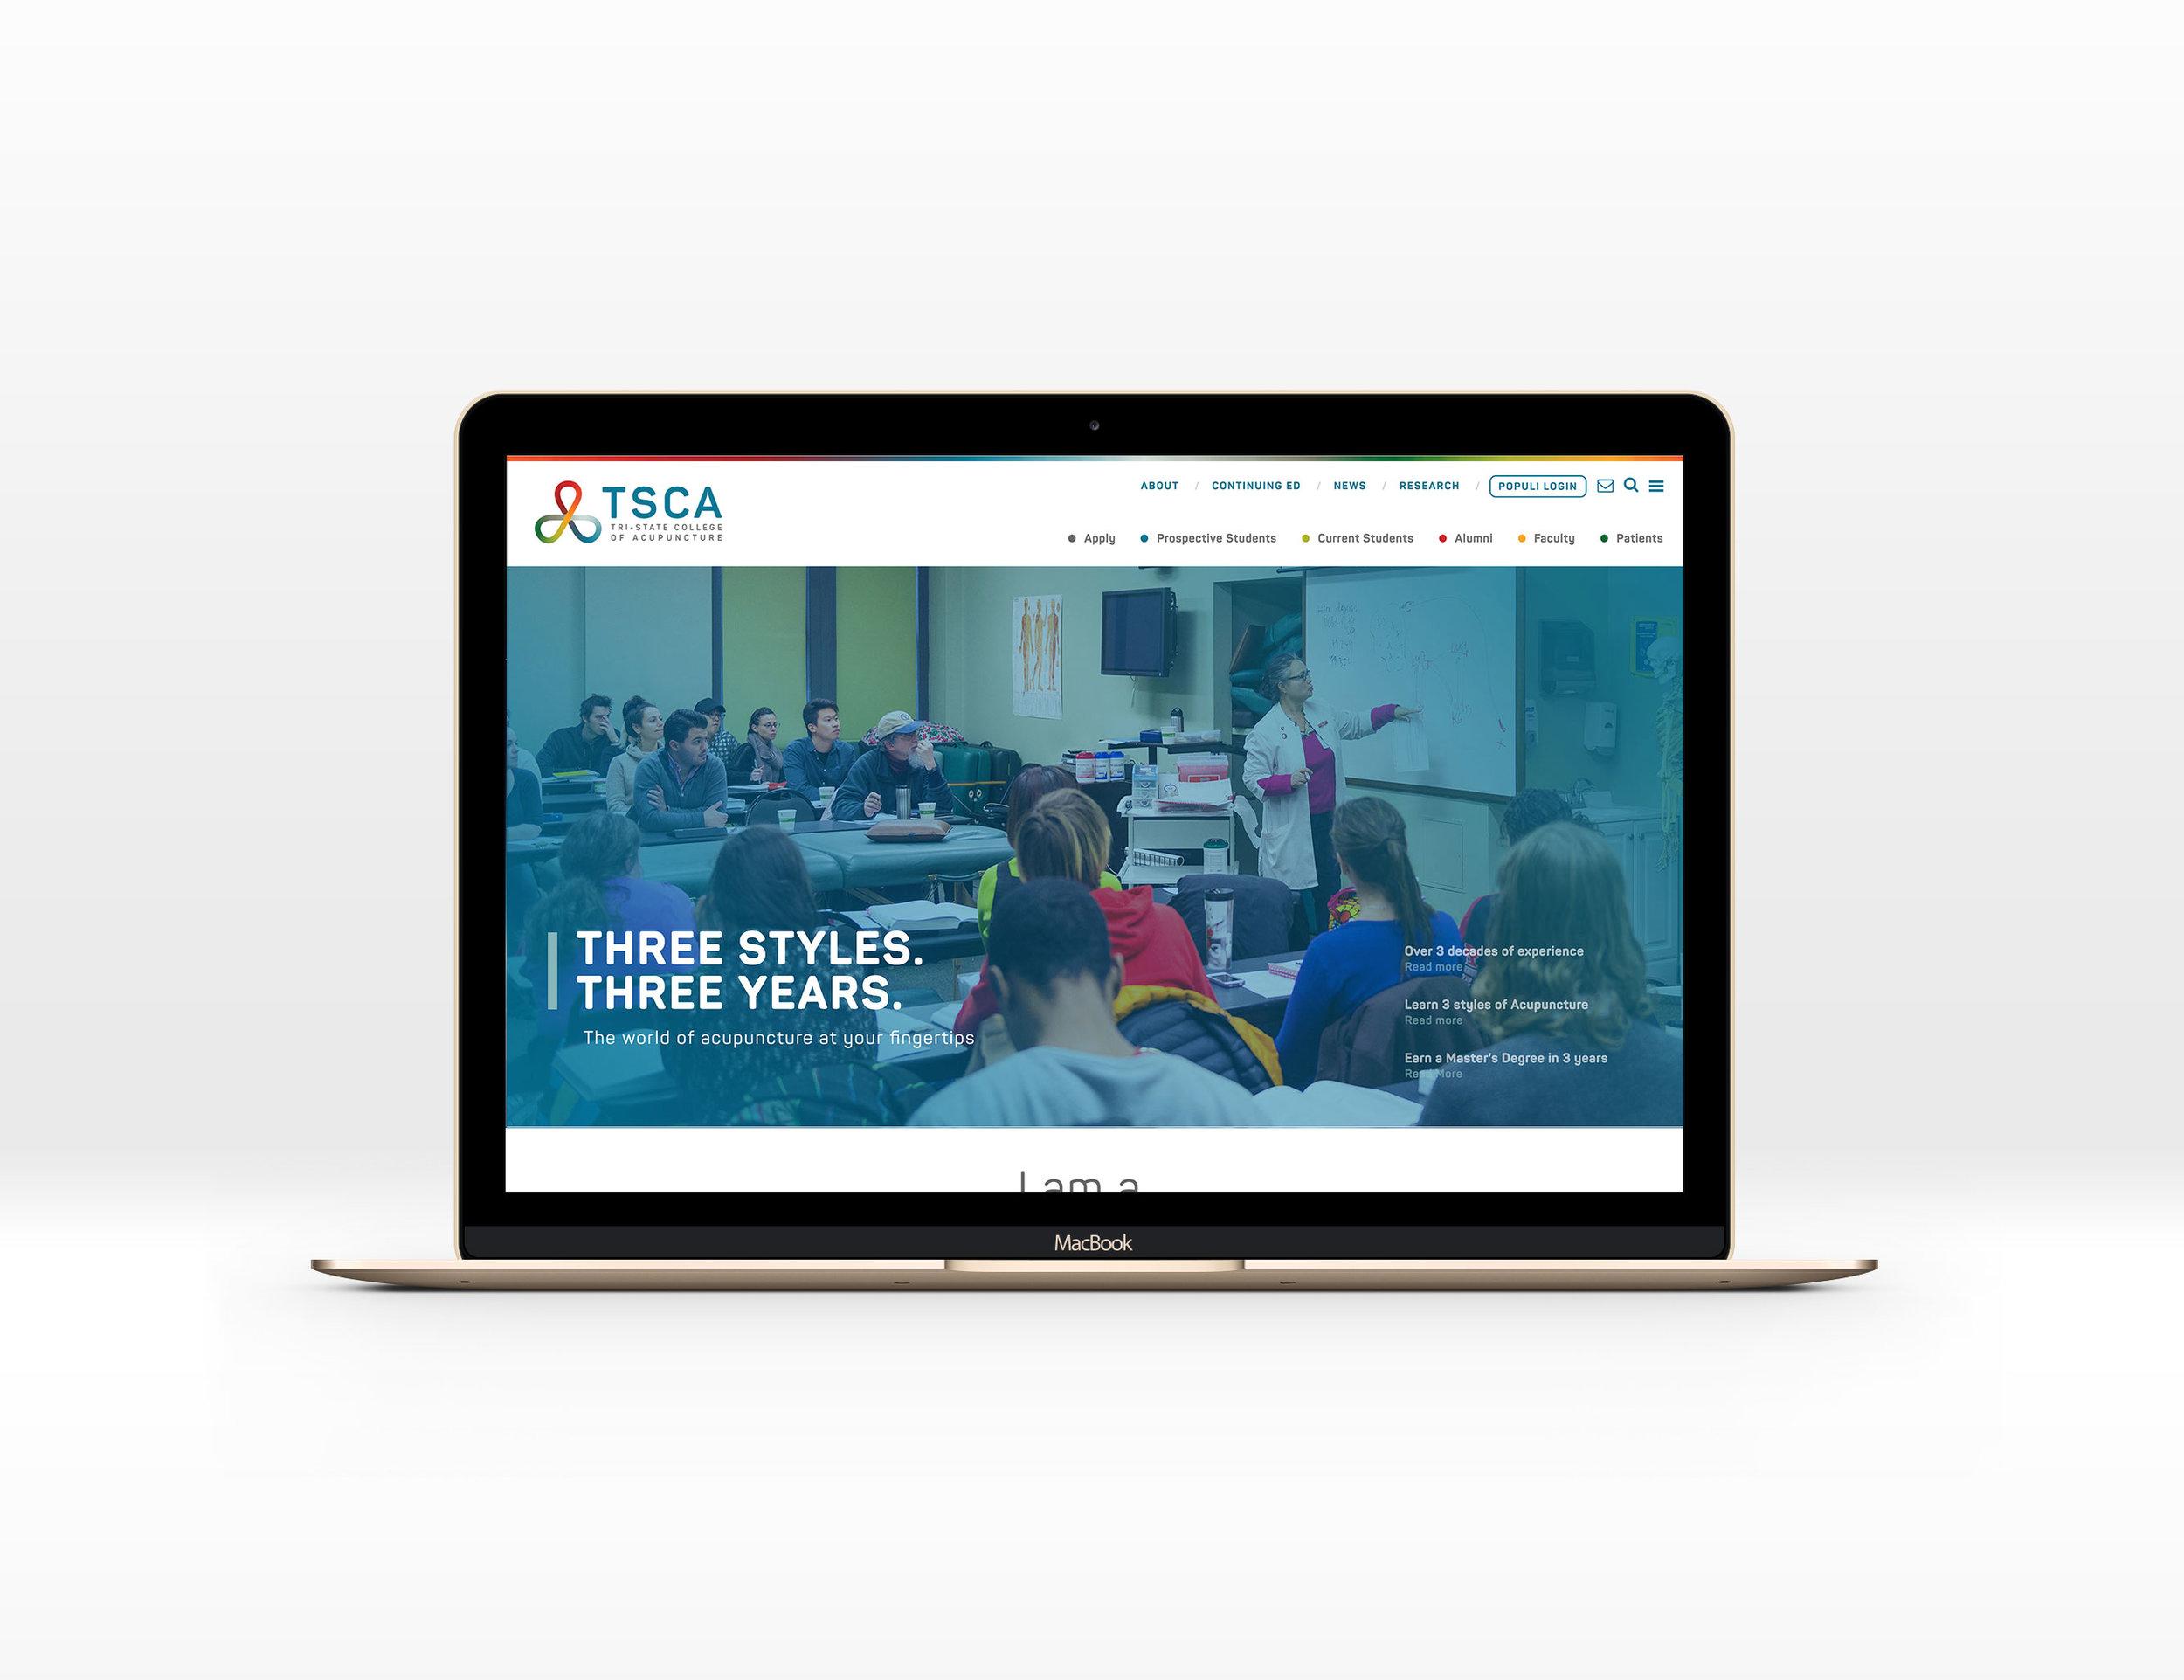 TSCA_Mockup_Website.jpg